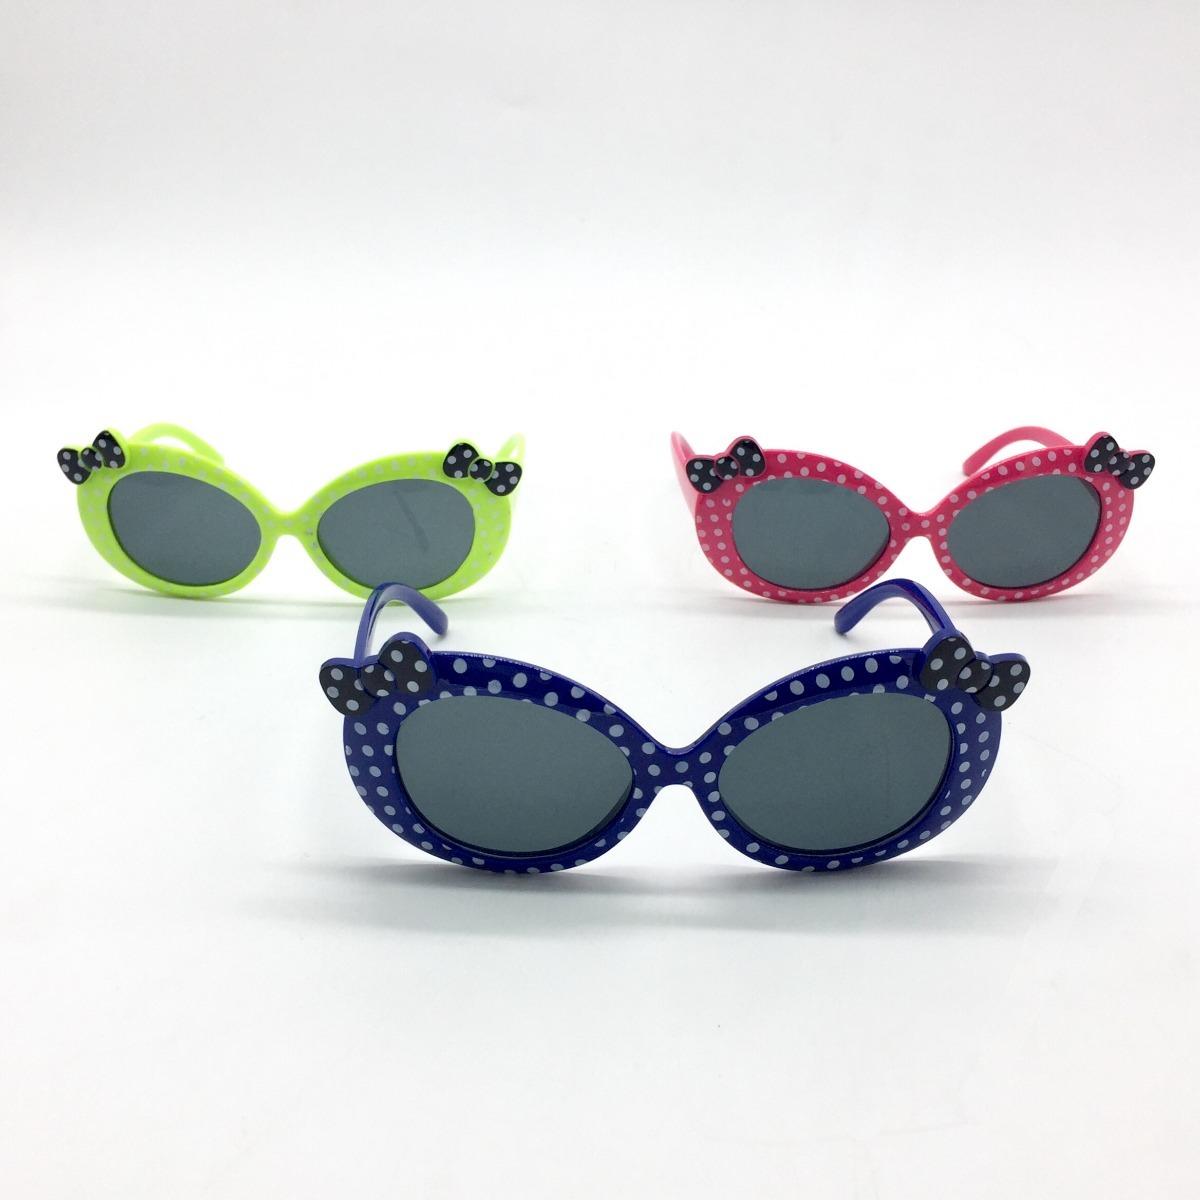 cde892a24 kit x 20 óculos de sol revenda criança atacado frete gratis! 10 Fotos